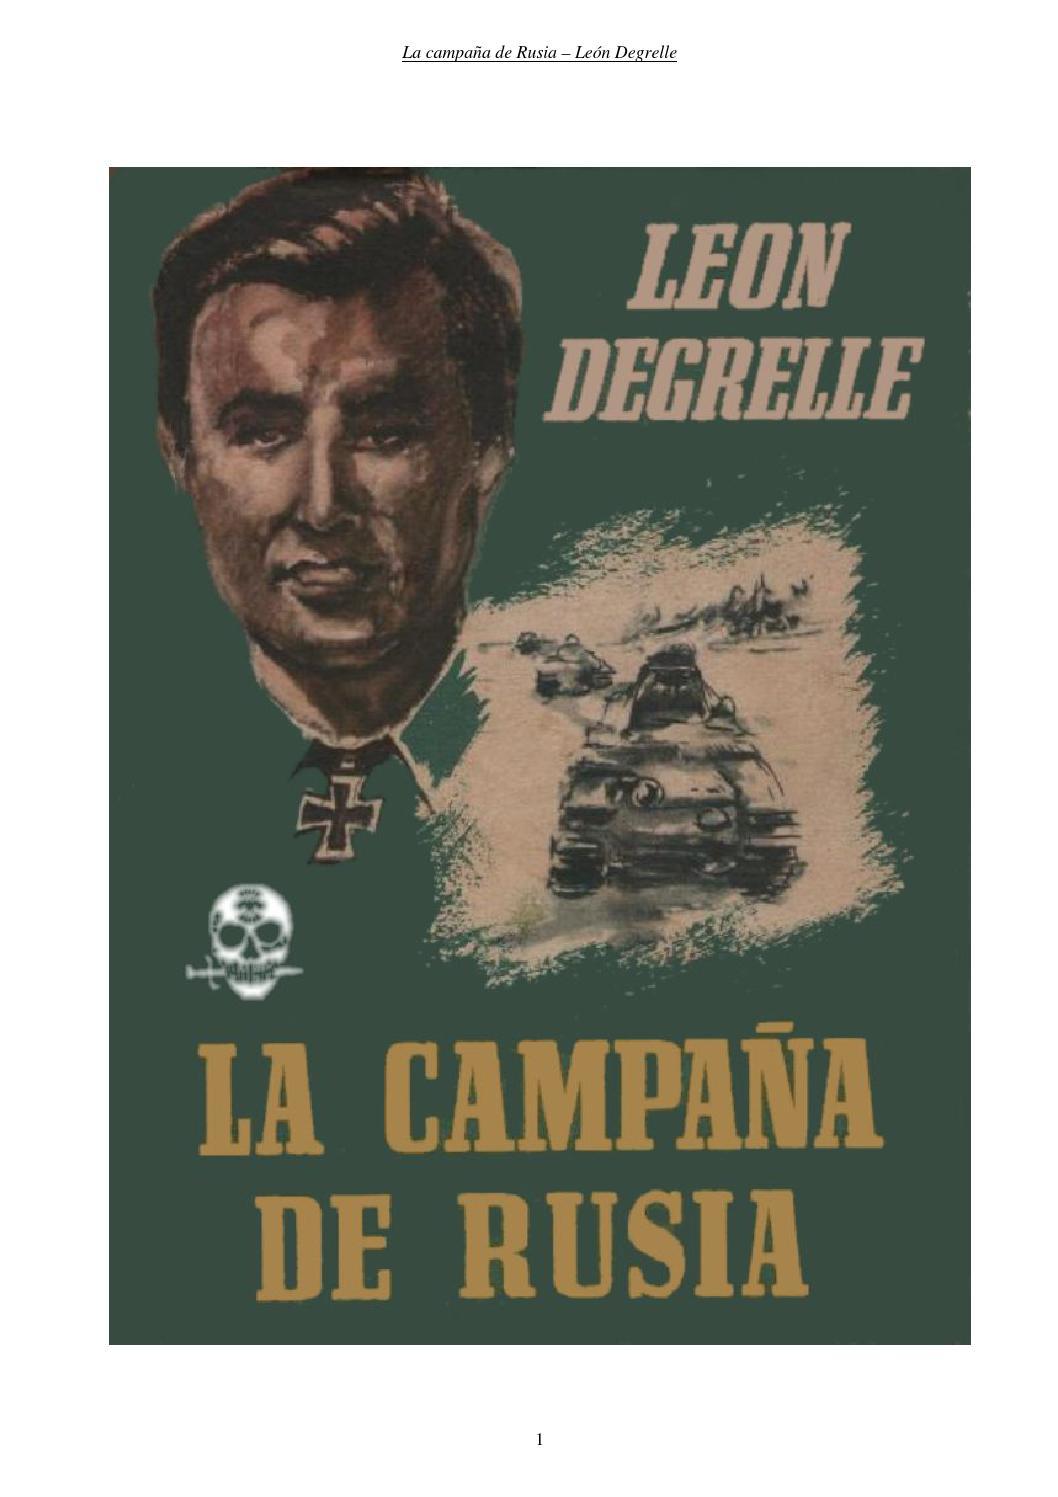 La campana de rusia leon degrelle by Rapido Guderian - issuu 692518215e9